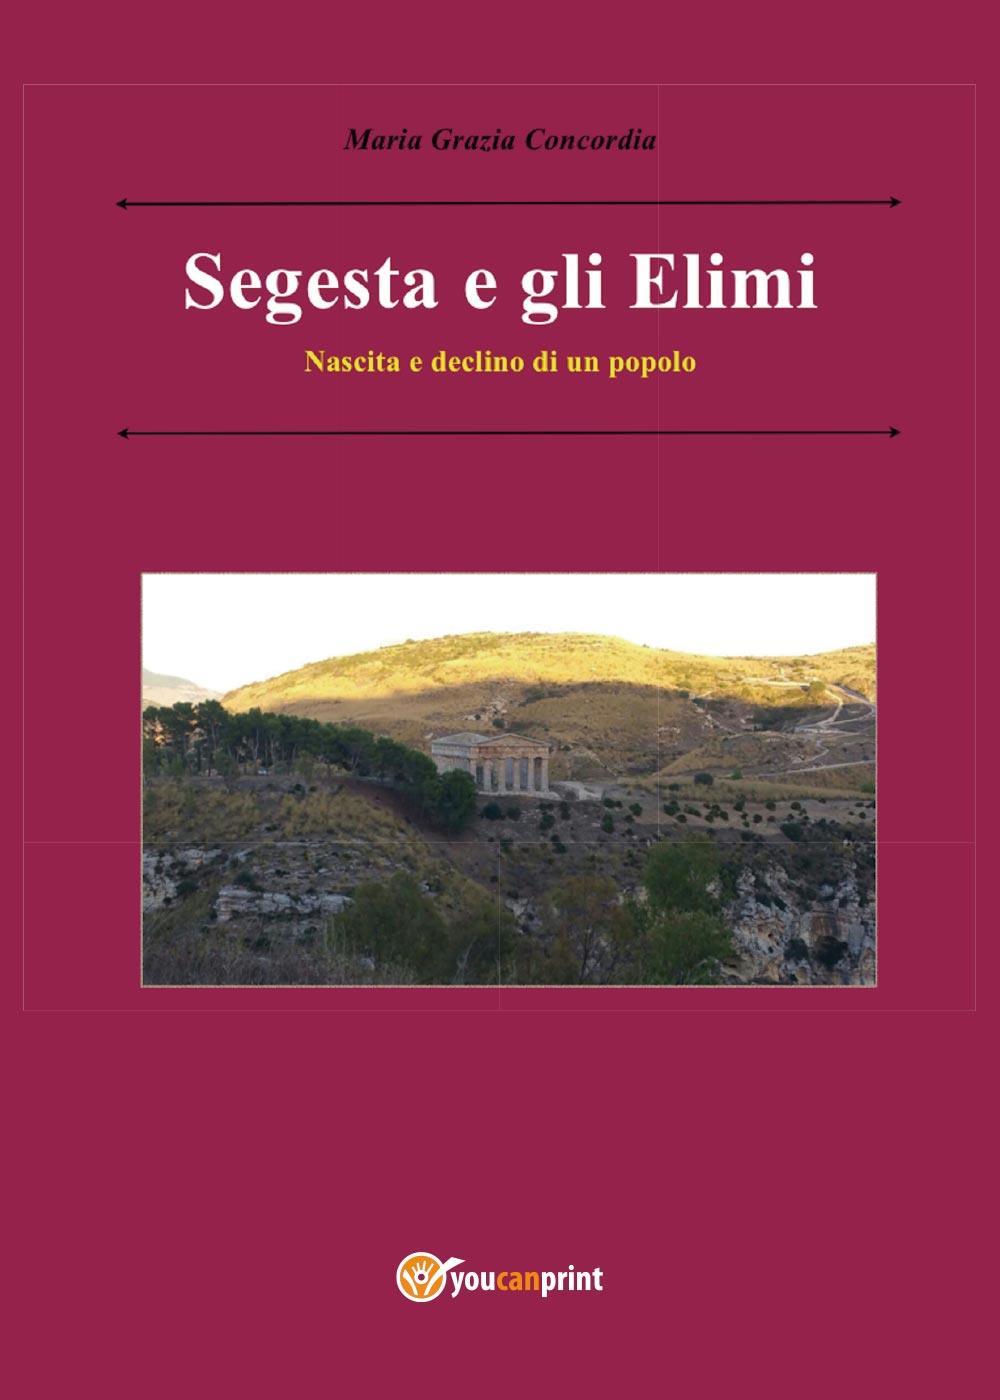 Segesta e gli Elimi. Nascita e declino di un popolo